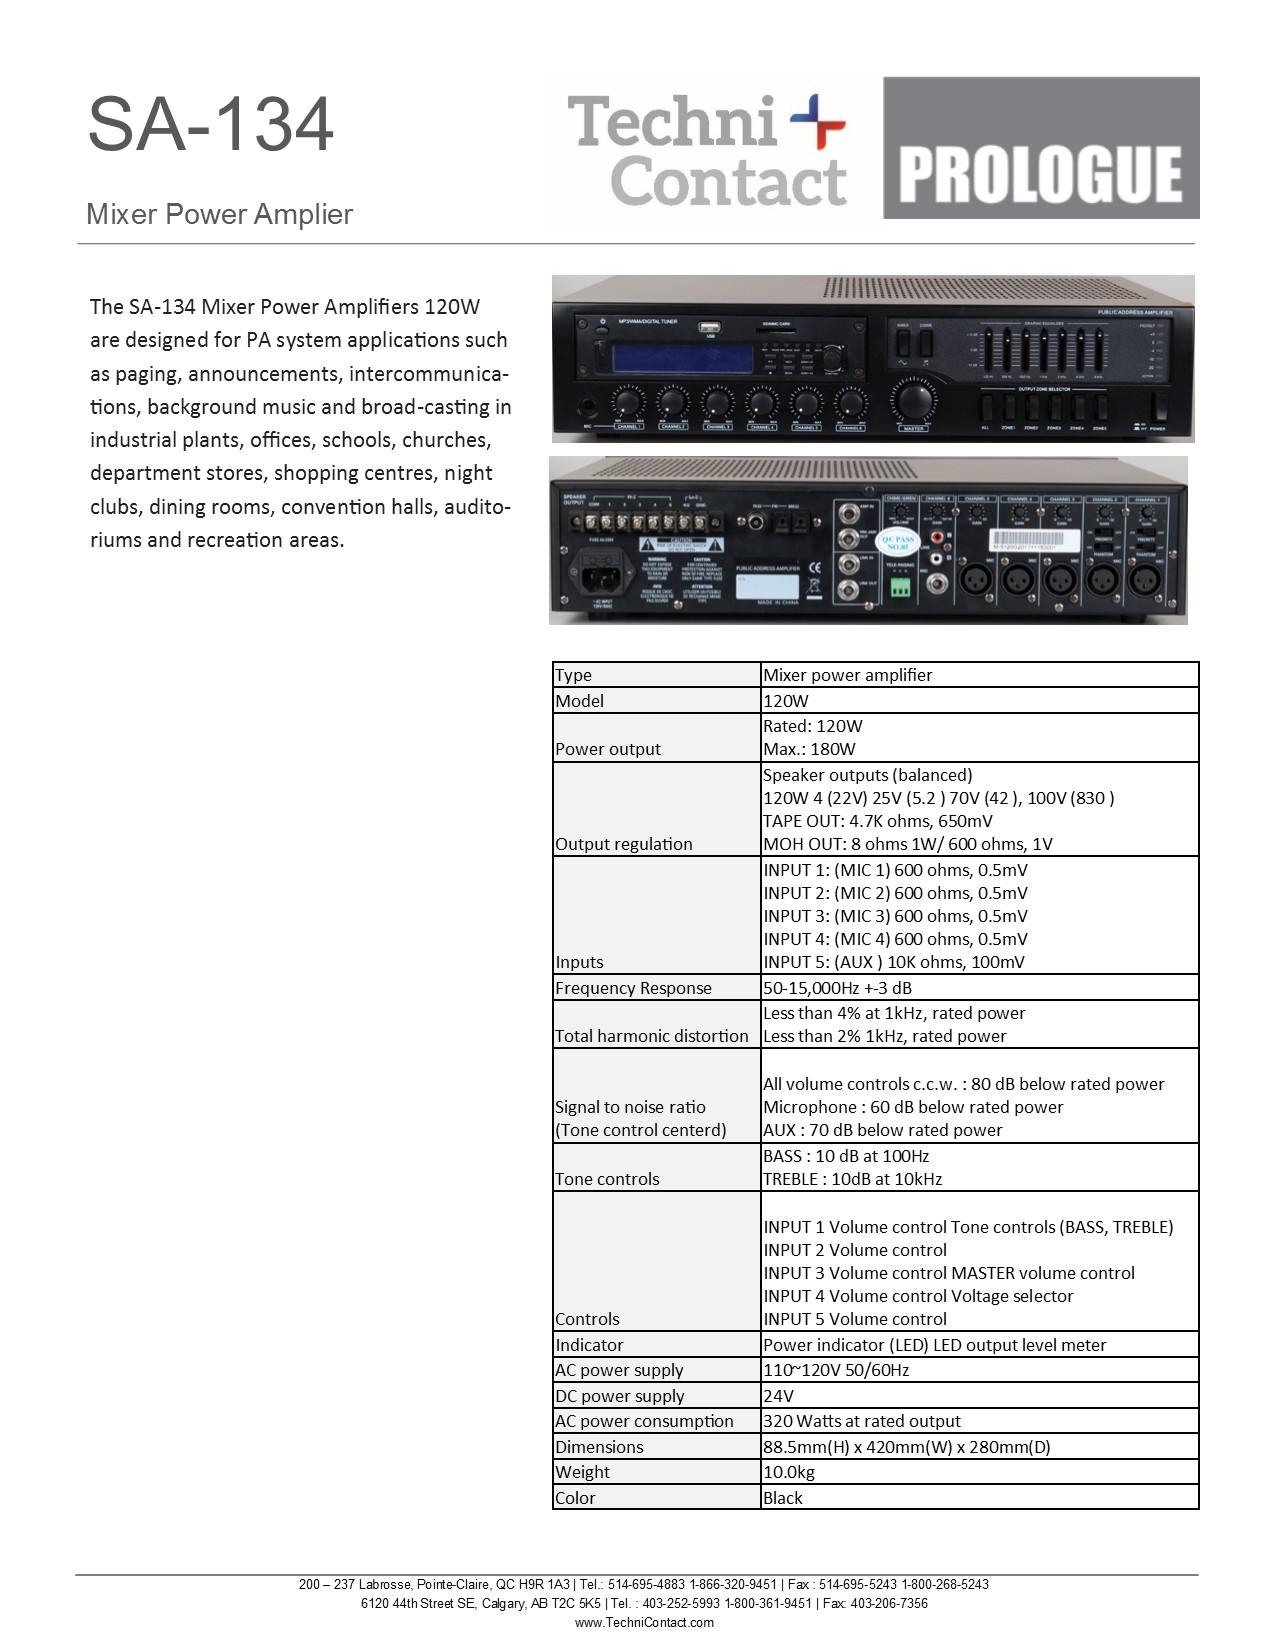 Prologue_SA-134_SPECS.jpg